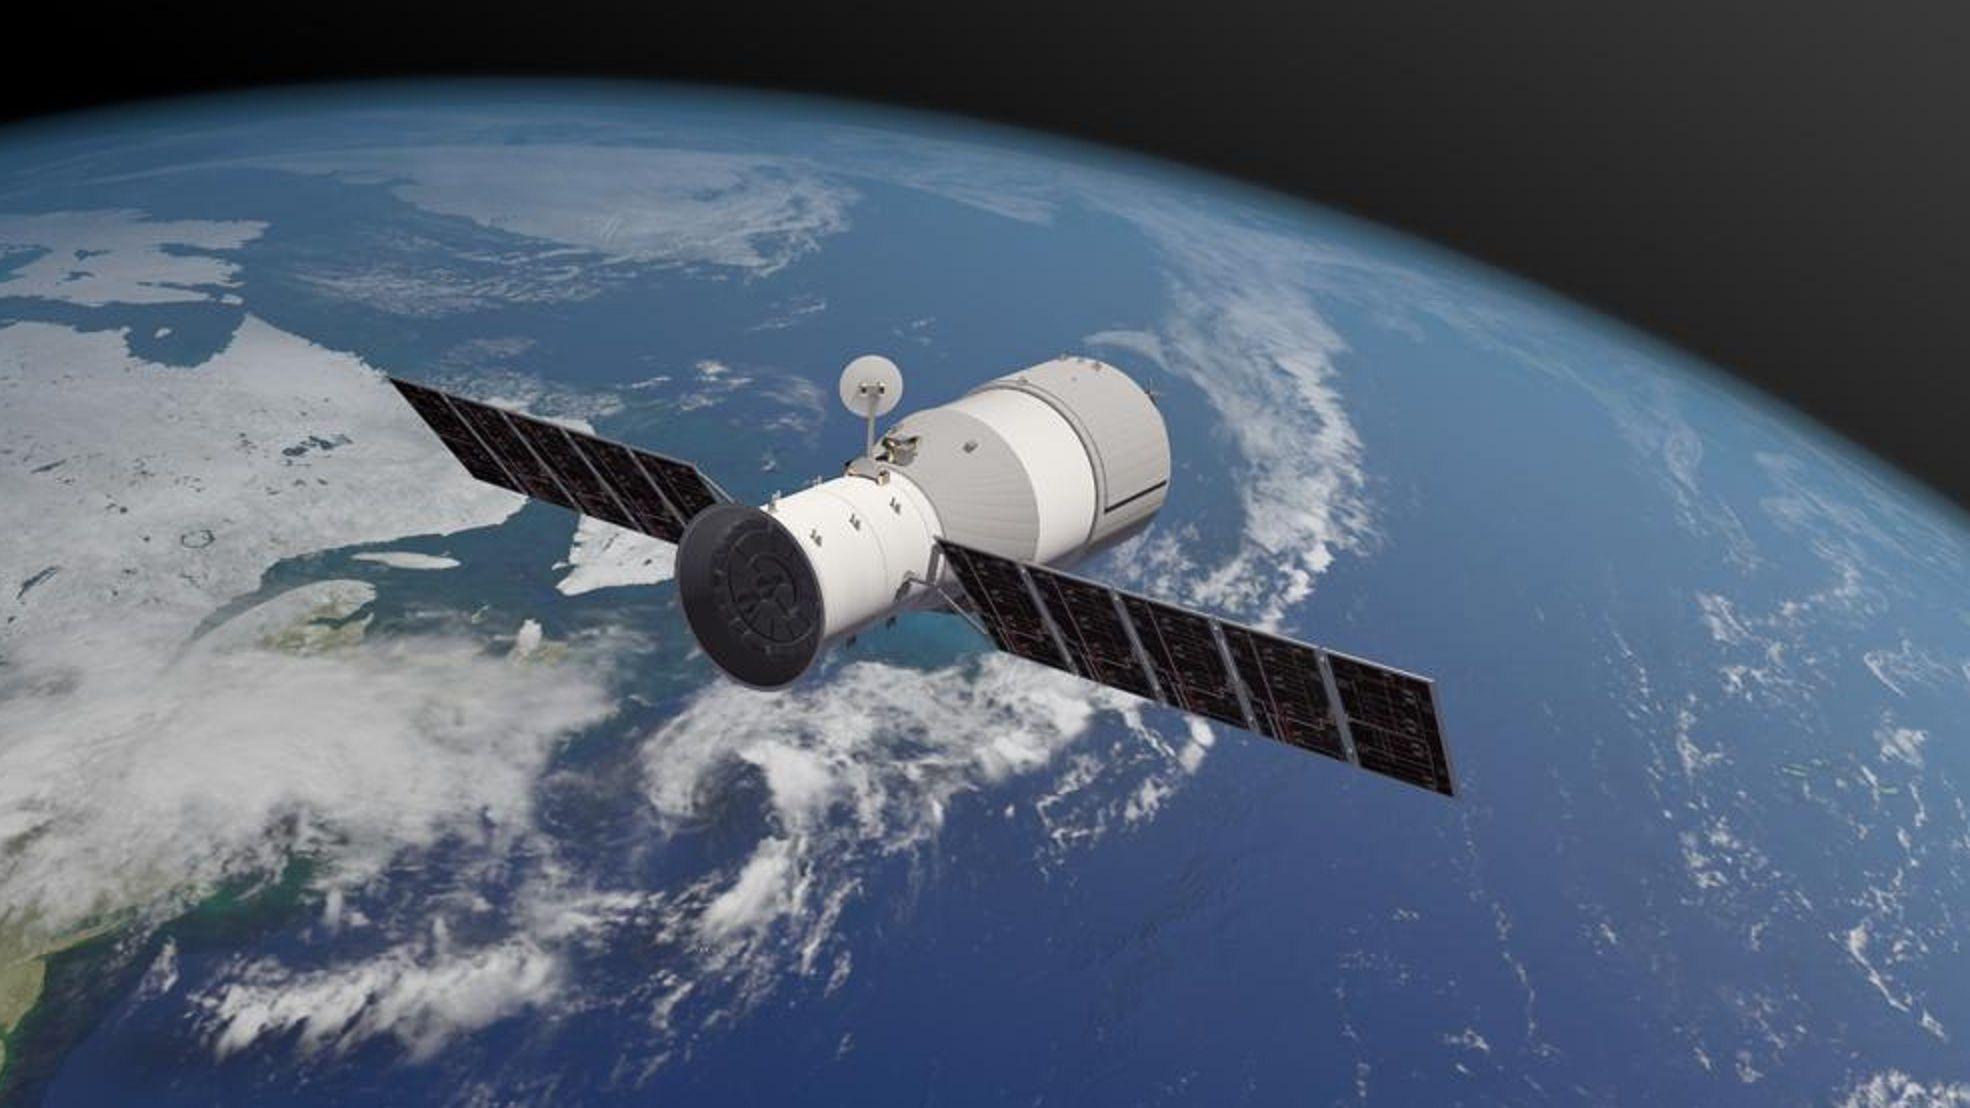 ¿Cuándo caerá en la Tierra el laboratorio espacial Tiangong-1?